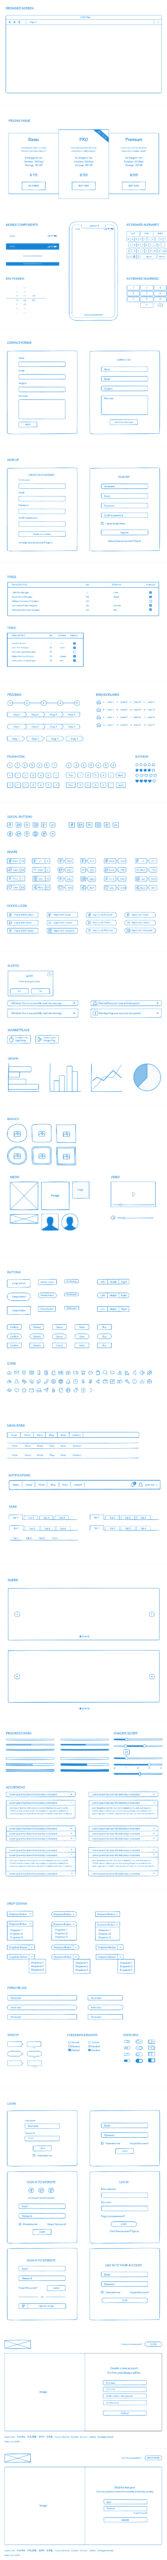 手工草图APP线框图UI套件插图